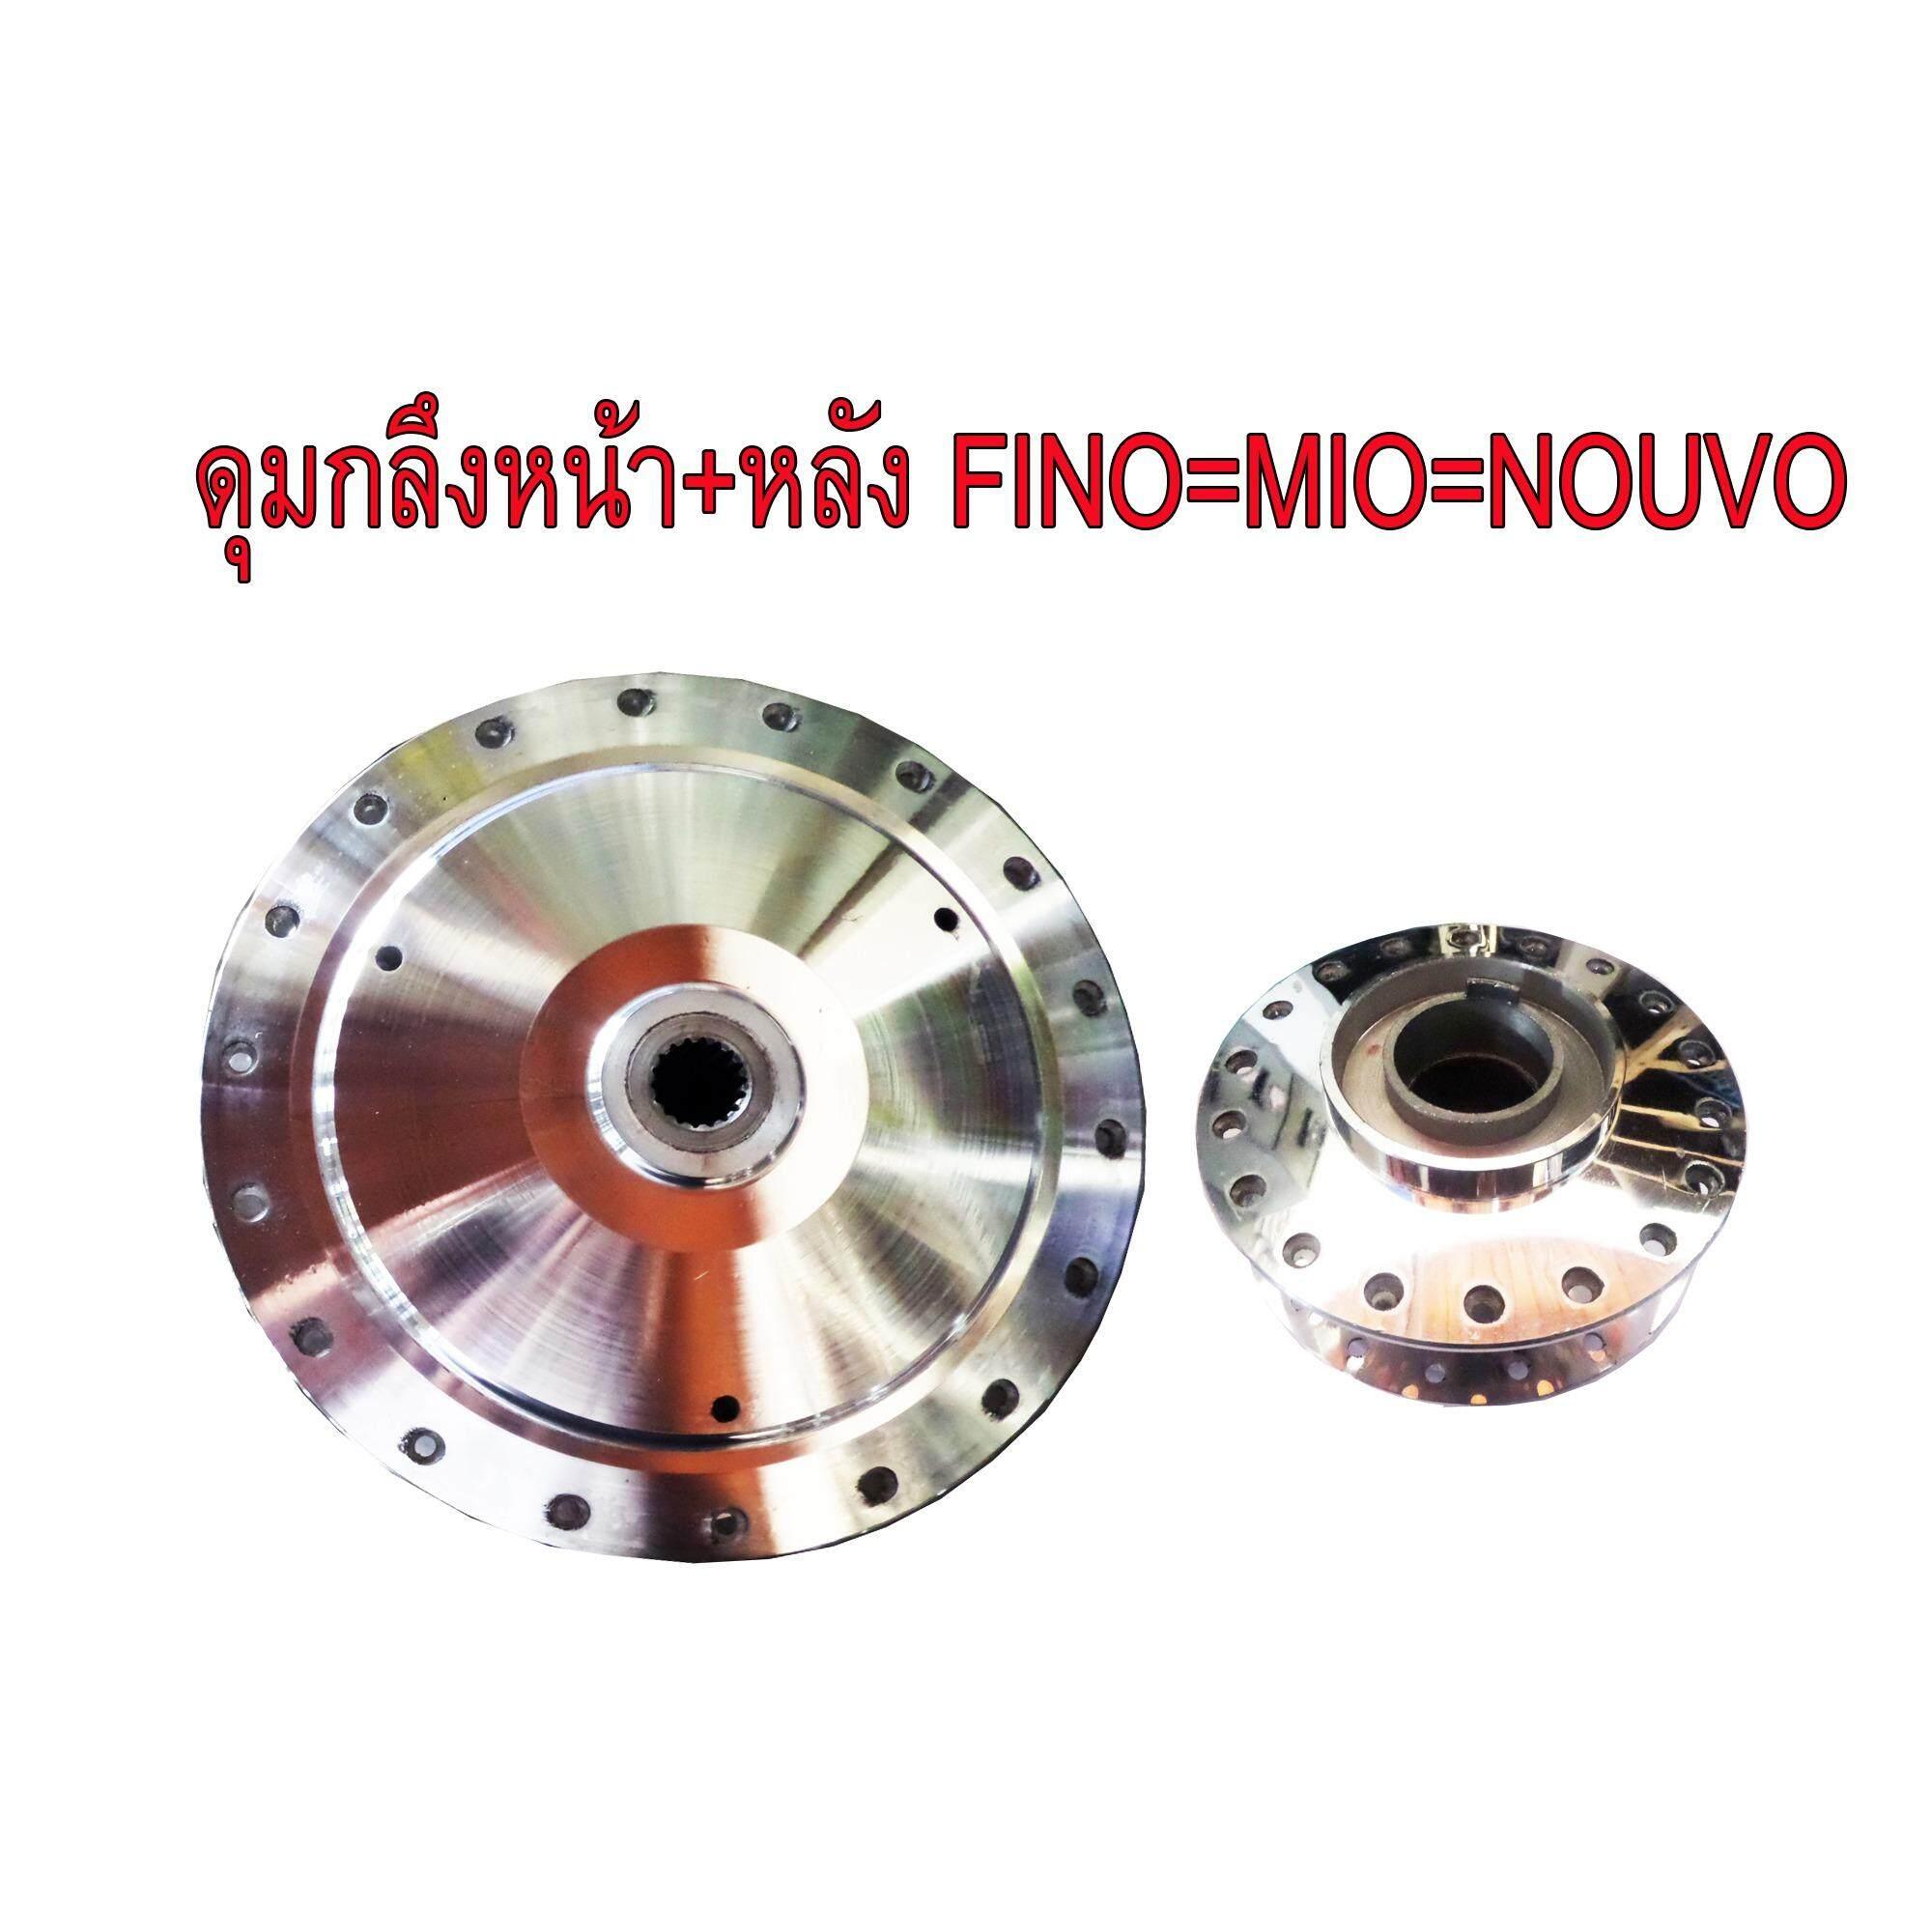 ความคิดเห็น ดุมกลึง หน้า ดิส หลัง สำหรับ Yamaha Fino Mio Nouvo รุ่นดิสเบรค